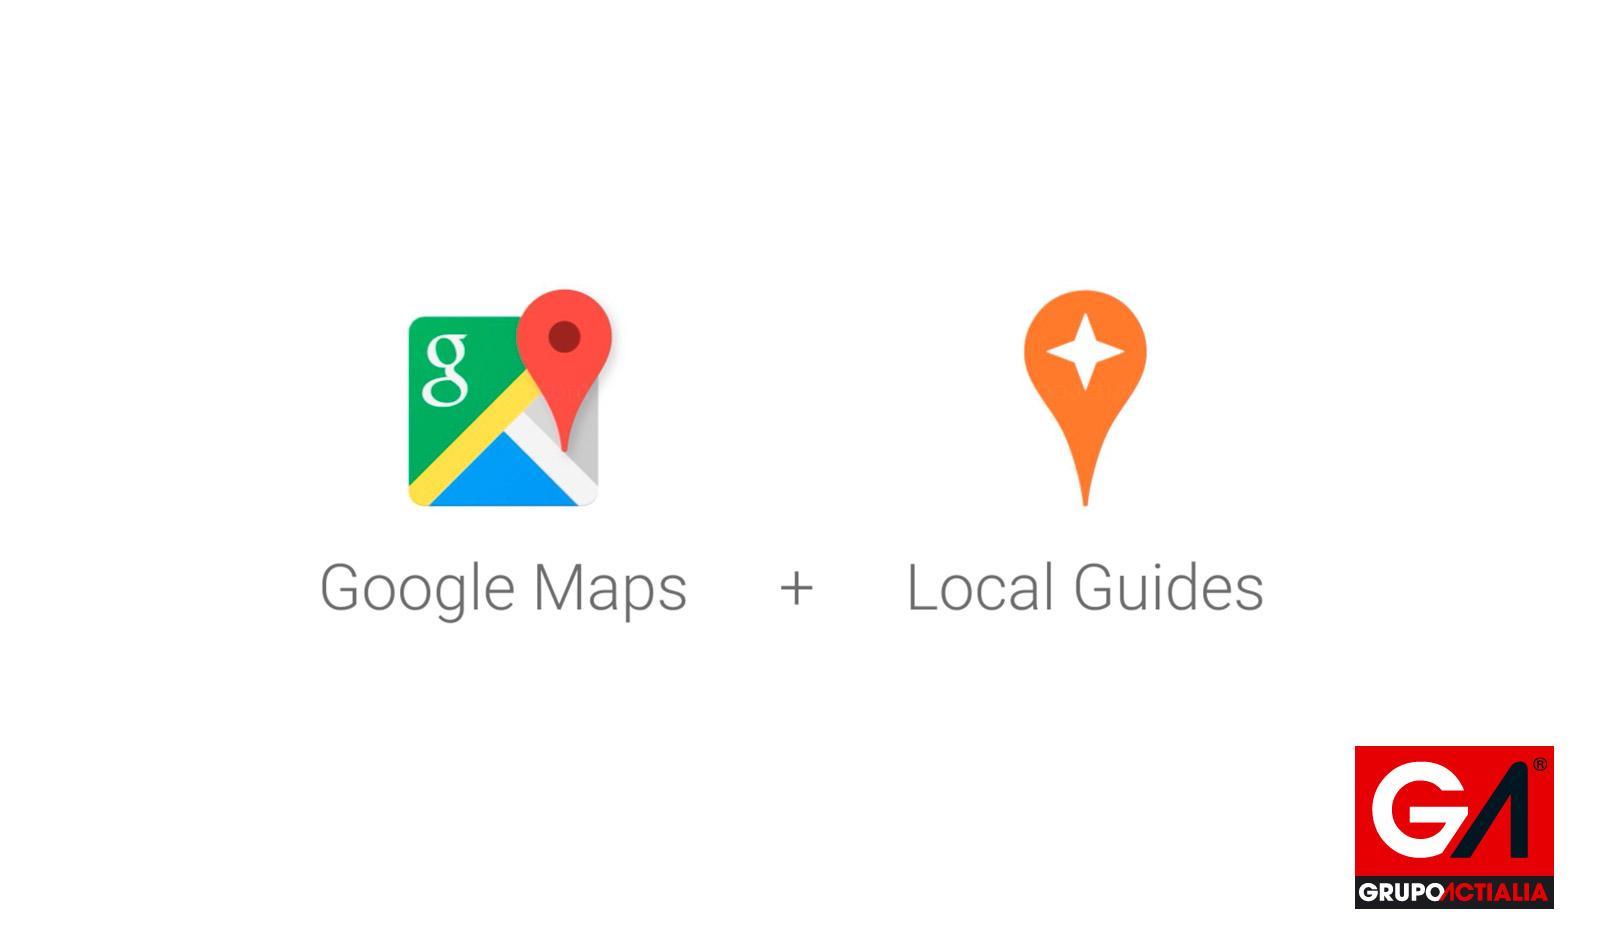 Nuevo Google Local Guides